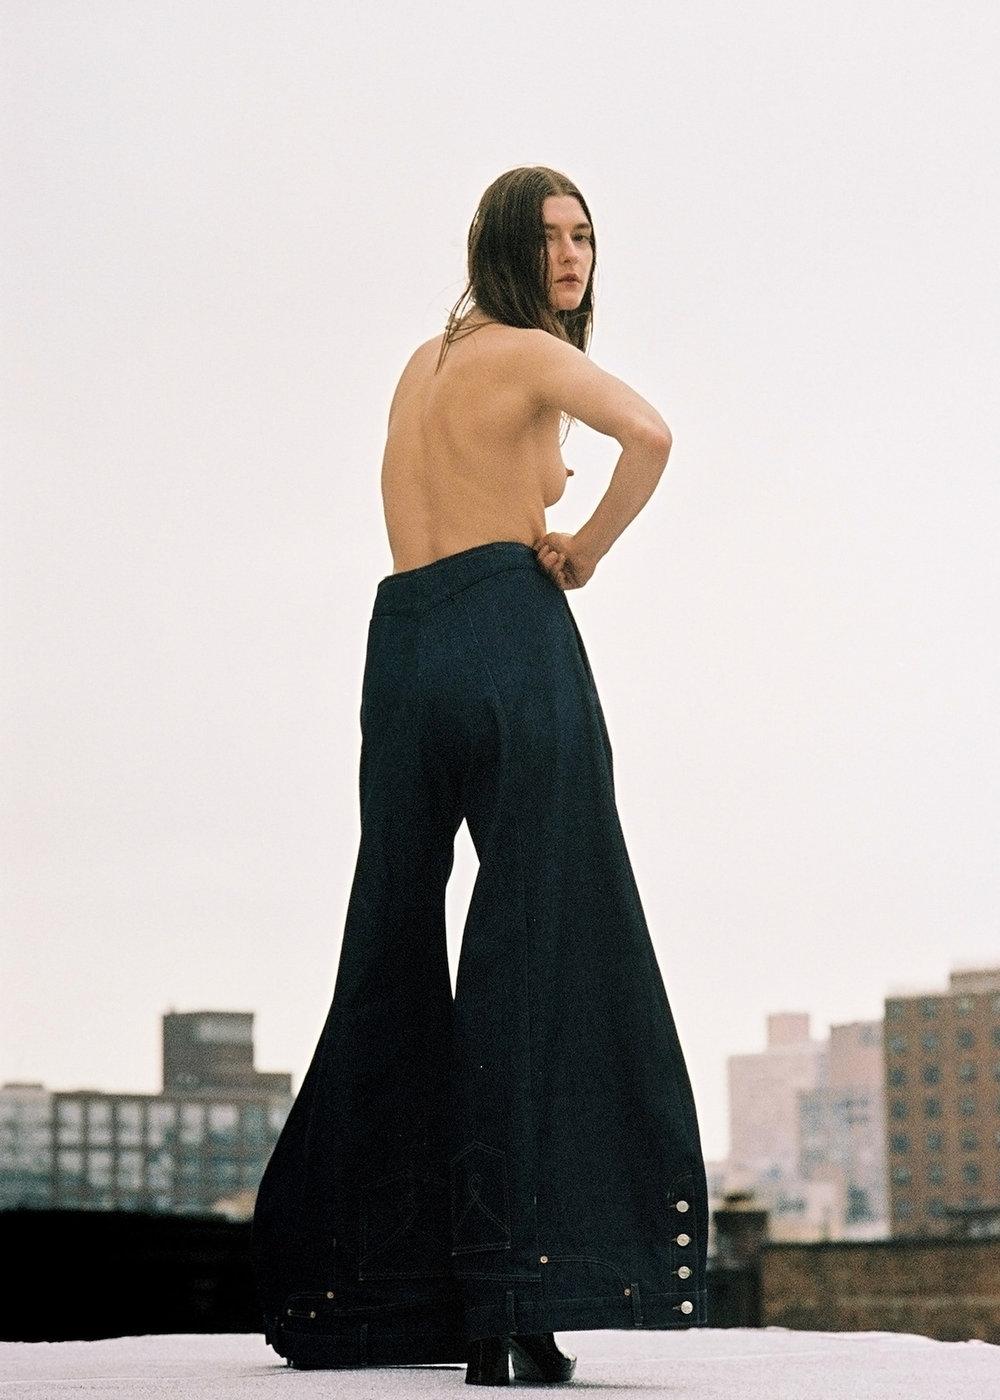 Pantalón de LINDER y zapatos de AMELIE PICHARD.